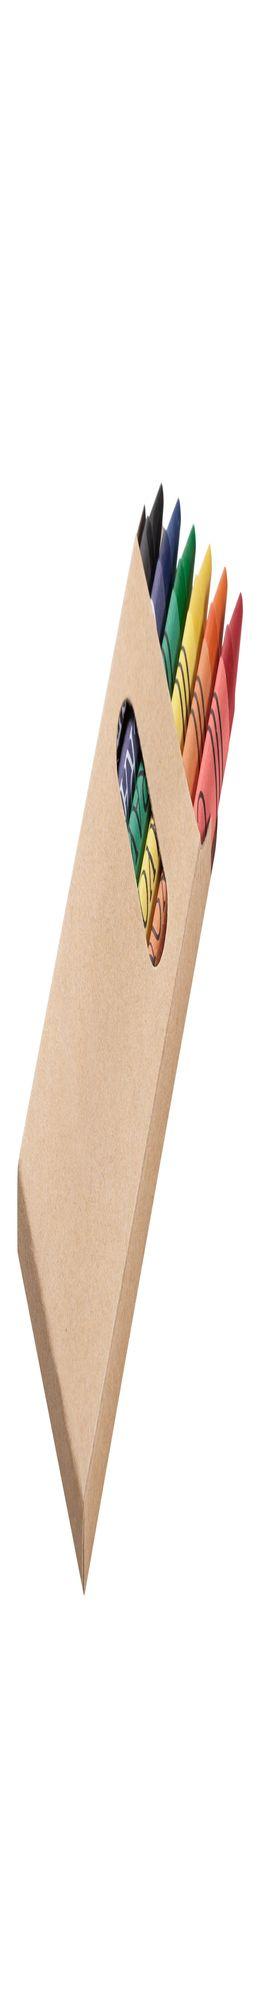 Набор восковых мелков Pencilvania Wax фото